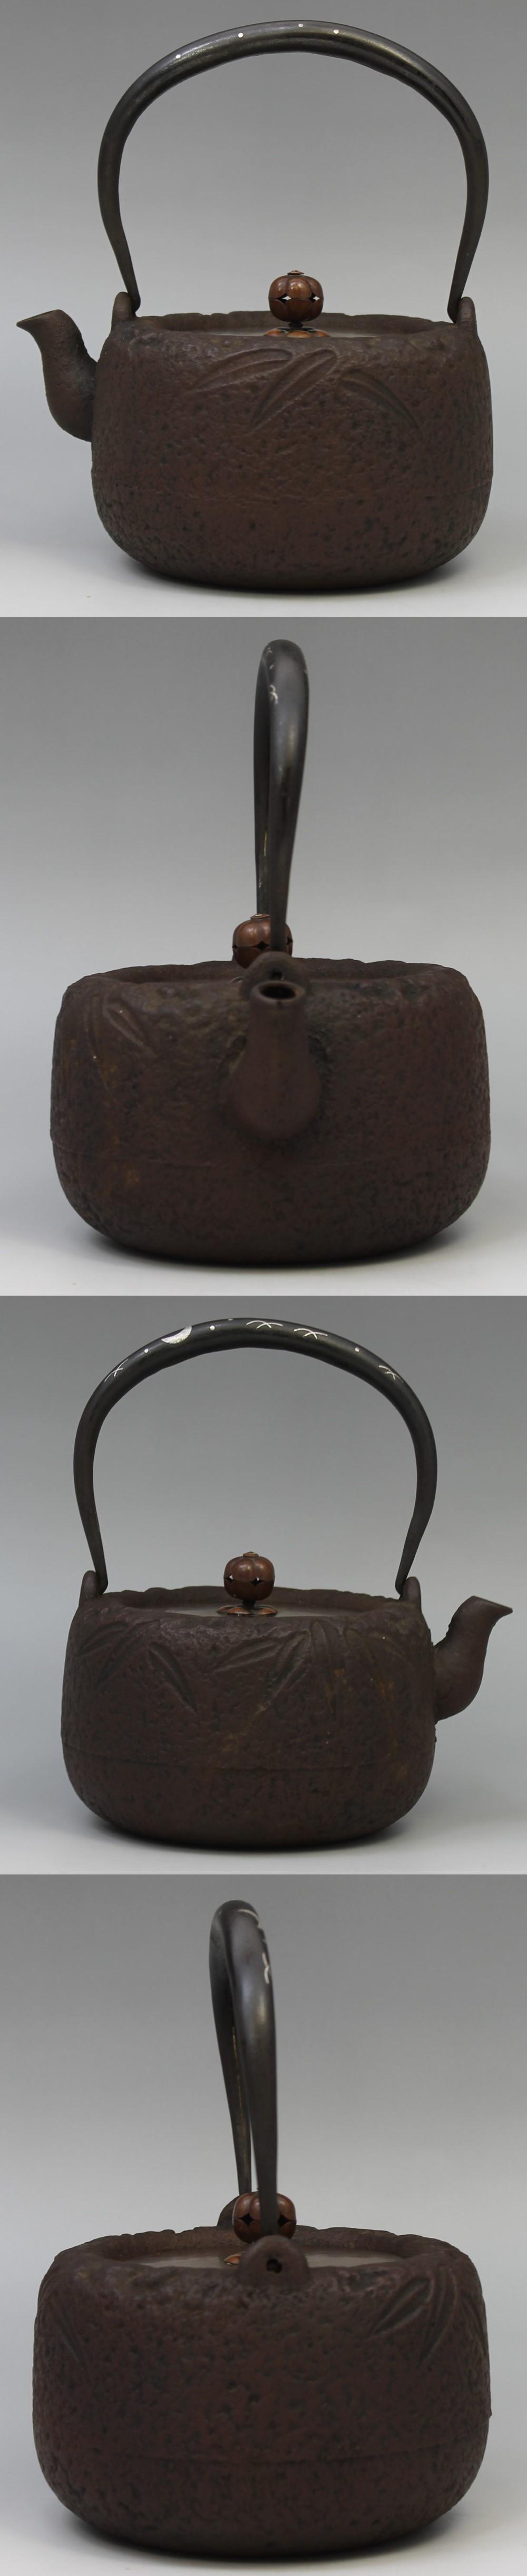 004米子鉄瓶1